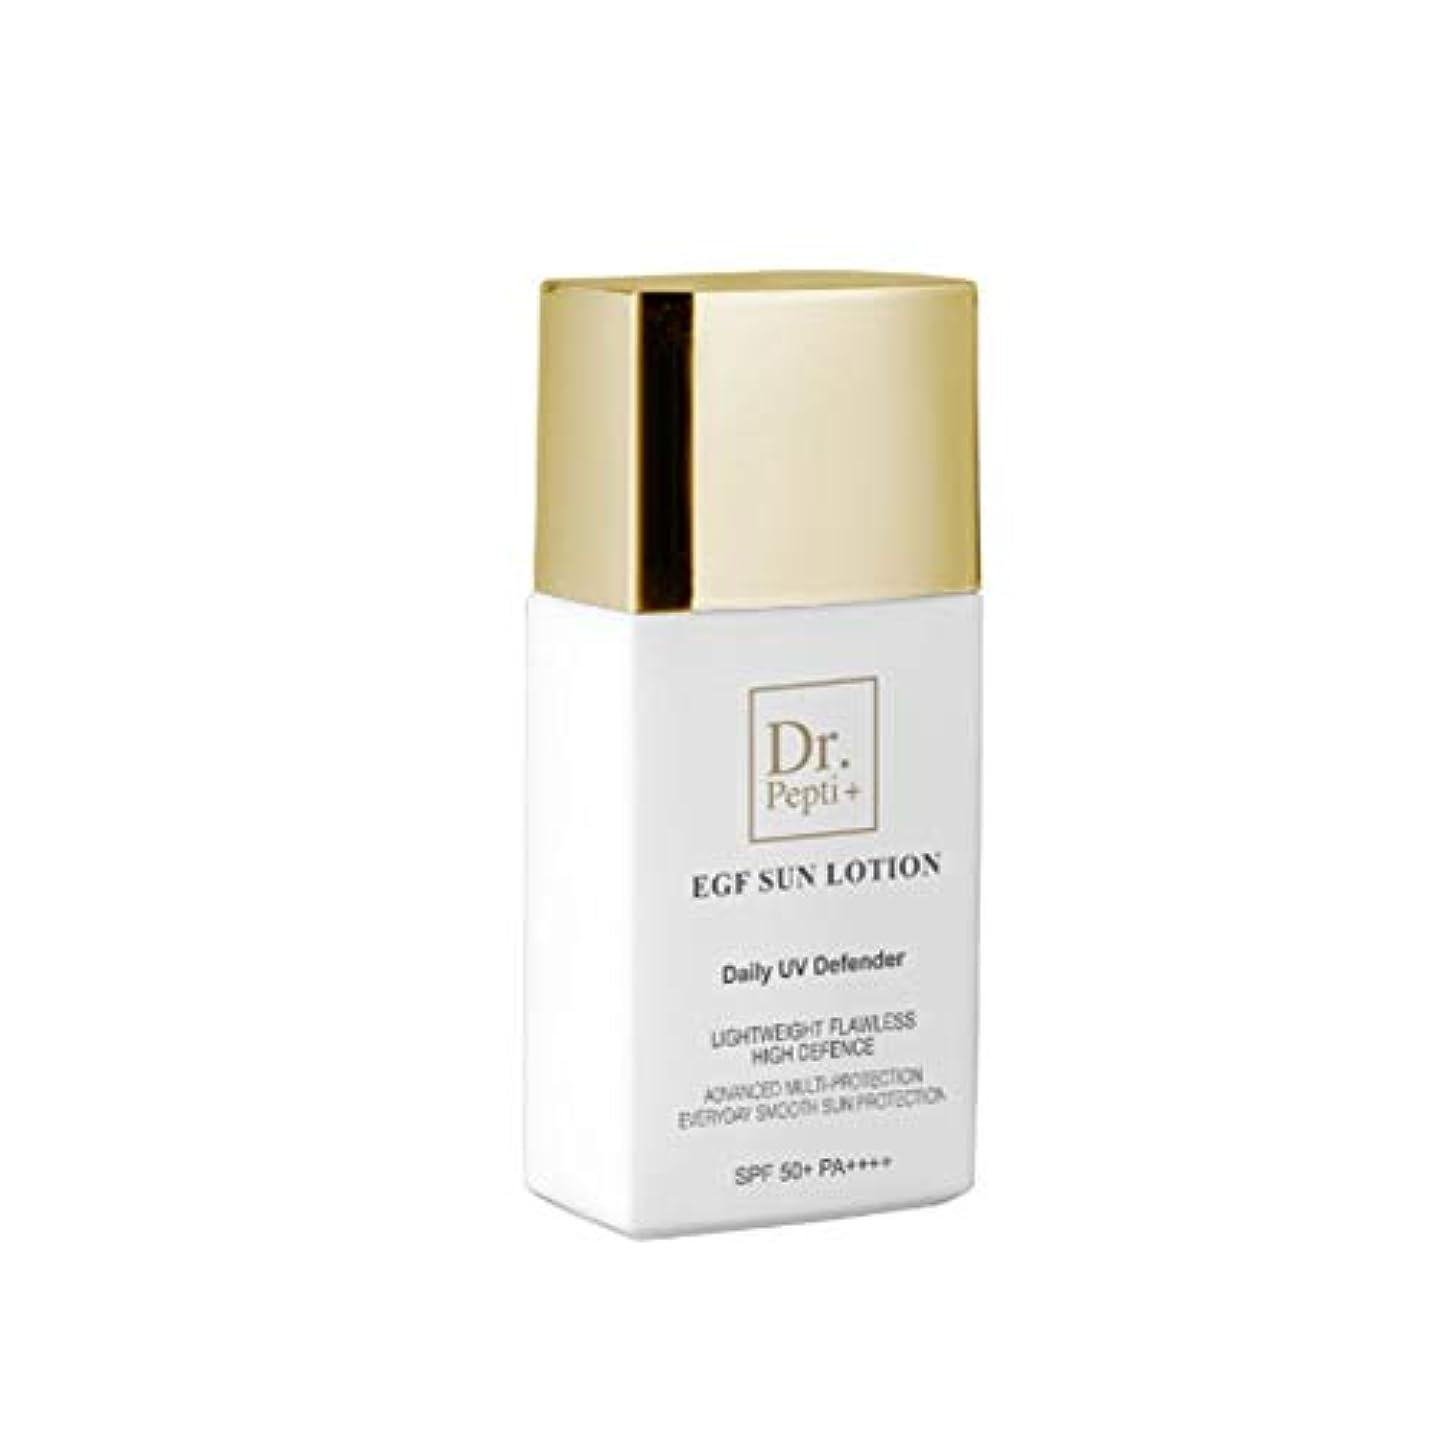 物語アームストロング手段ジェイアンドコーシュドクターペプチEGFサンローション50mlサンクリーム韓国コスメ、J&Coceu Dr.Pepti+ EGF Sun Lotion 50ml Sun Cream Korean Cosmetics [並行輸入品]